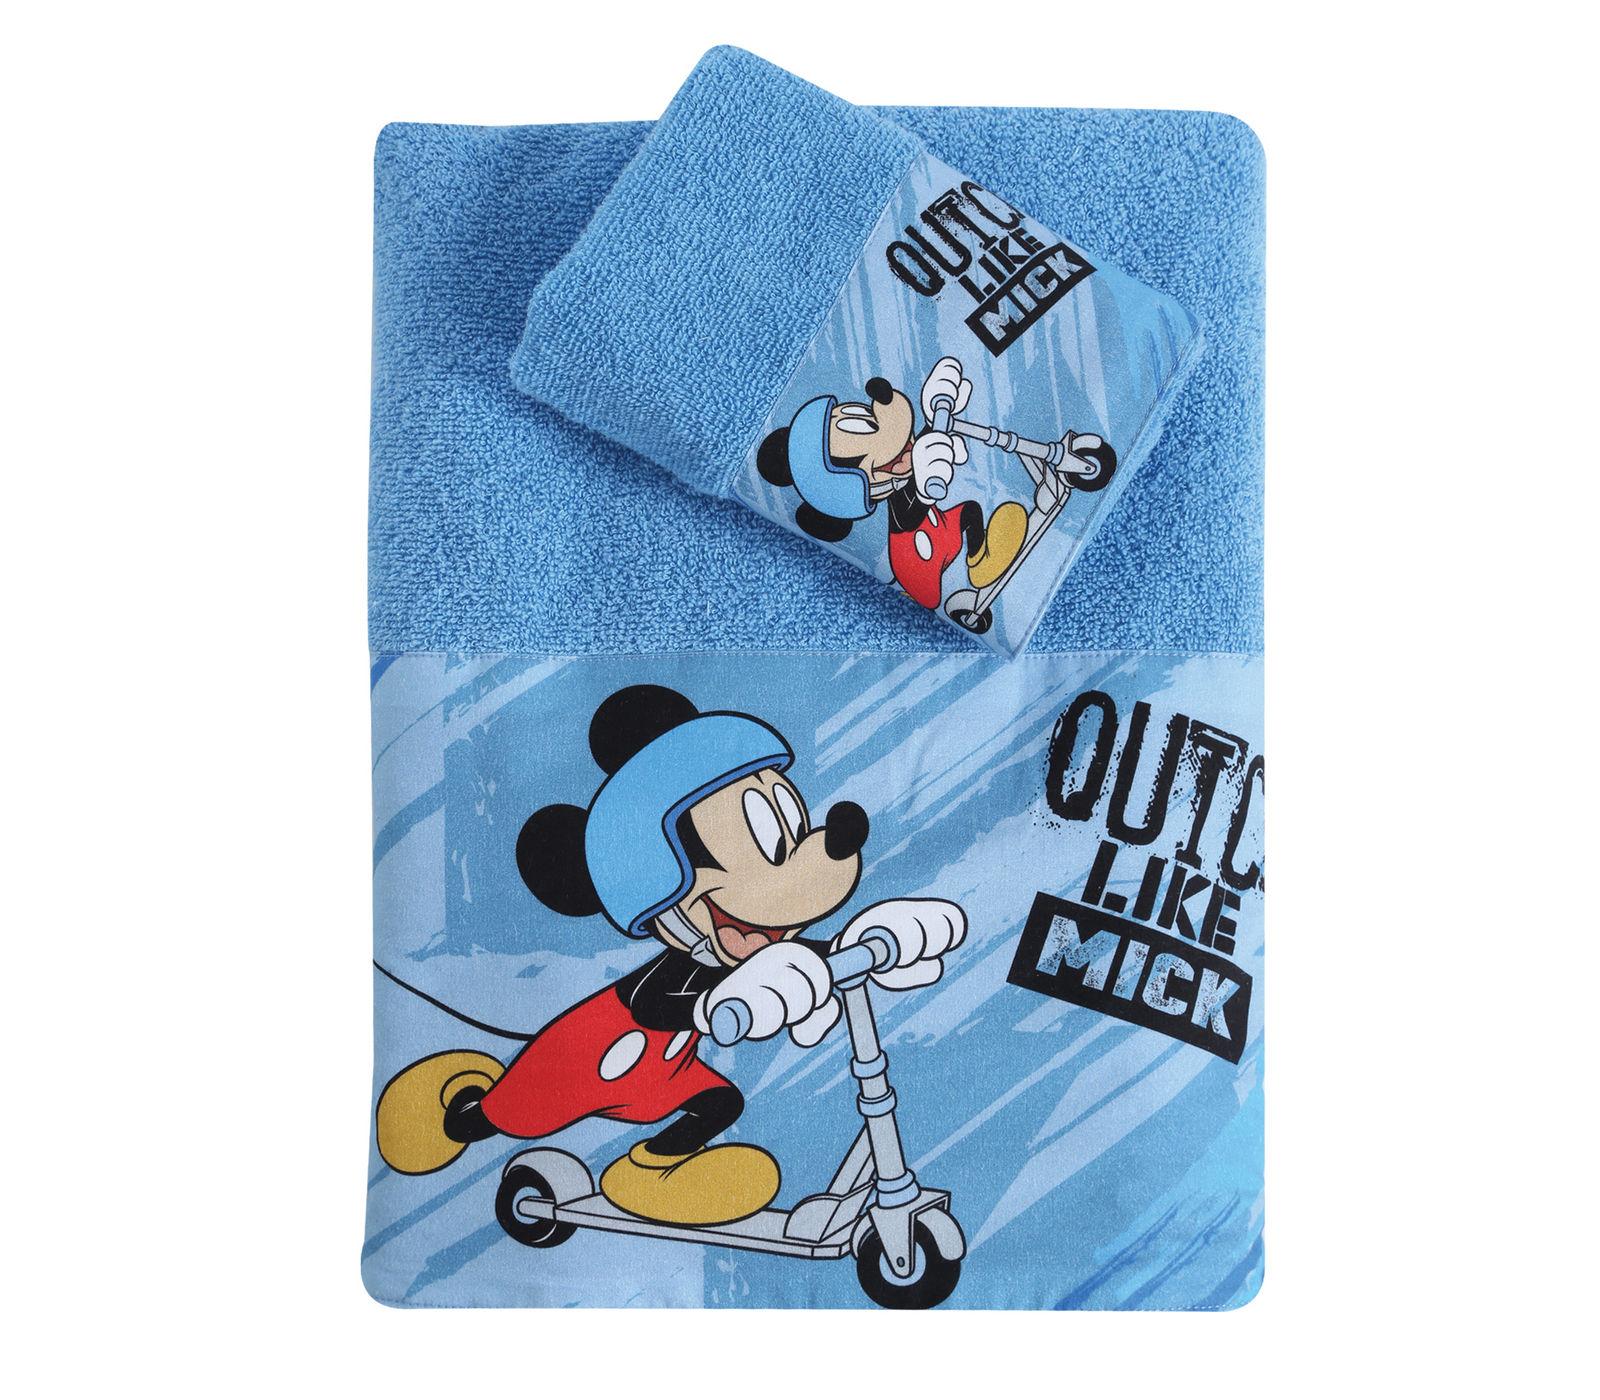 Παιδικές Πετσέτες (Σετ 2 Τμχ) Nef Nef Quick Like Mick Γαλάζιο